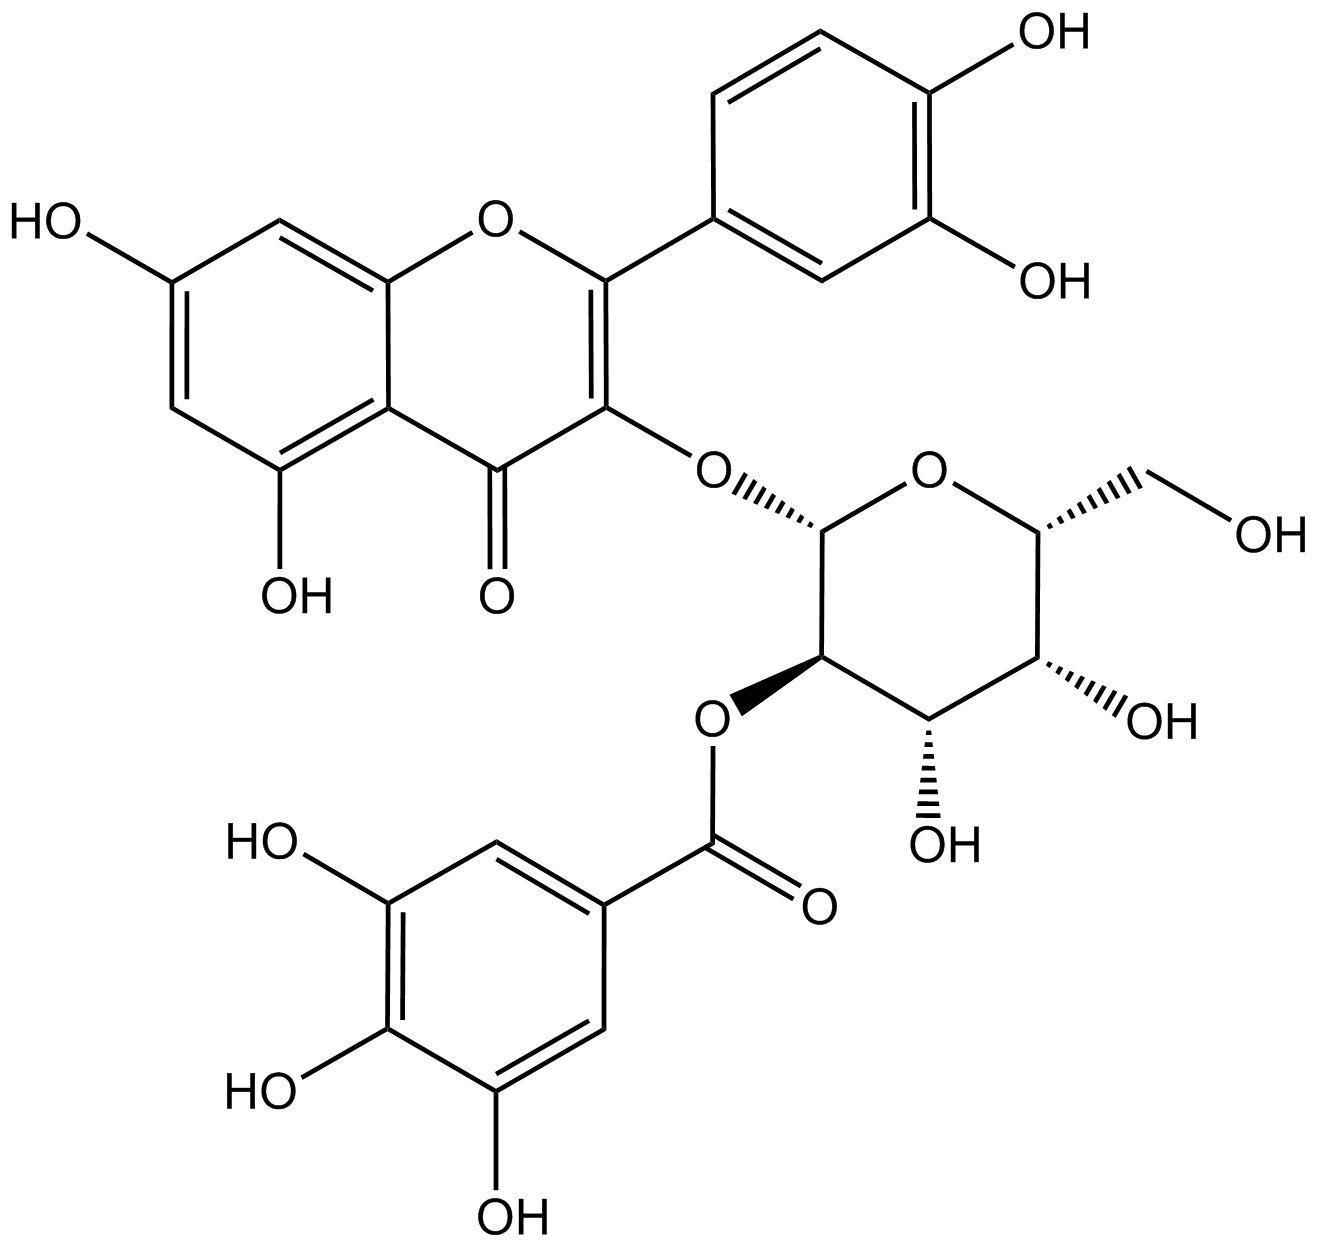 2''-galloylhyperin